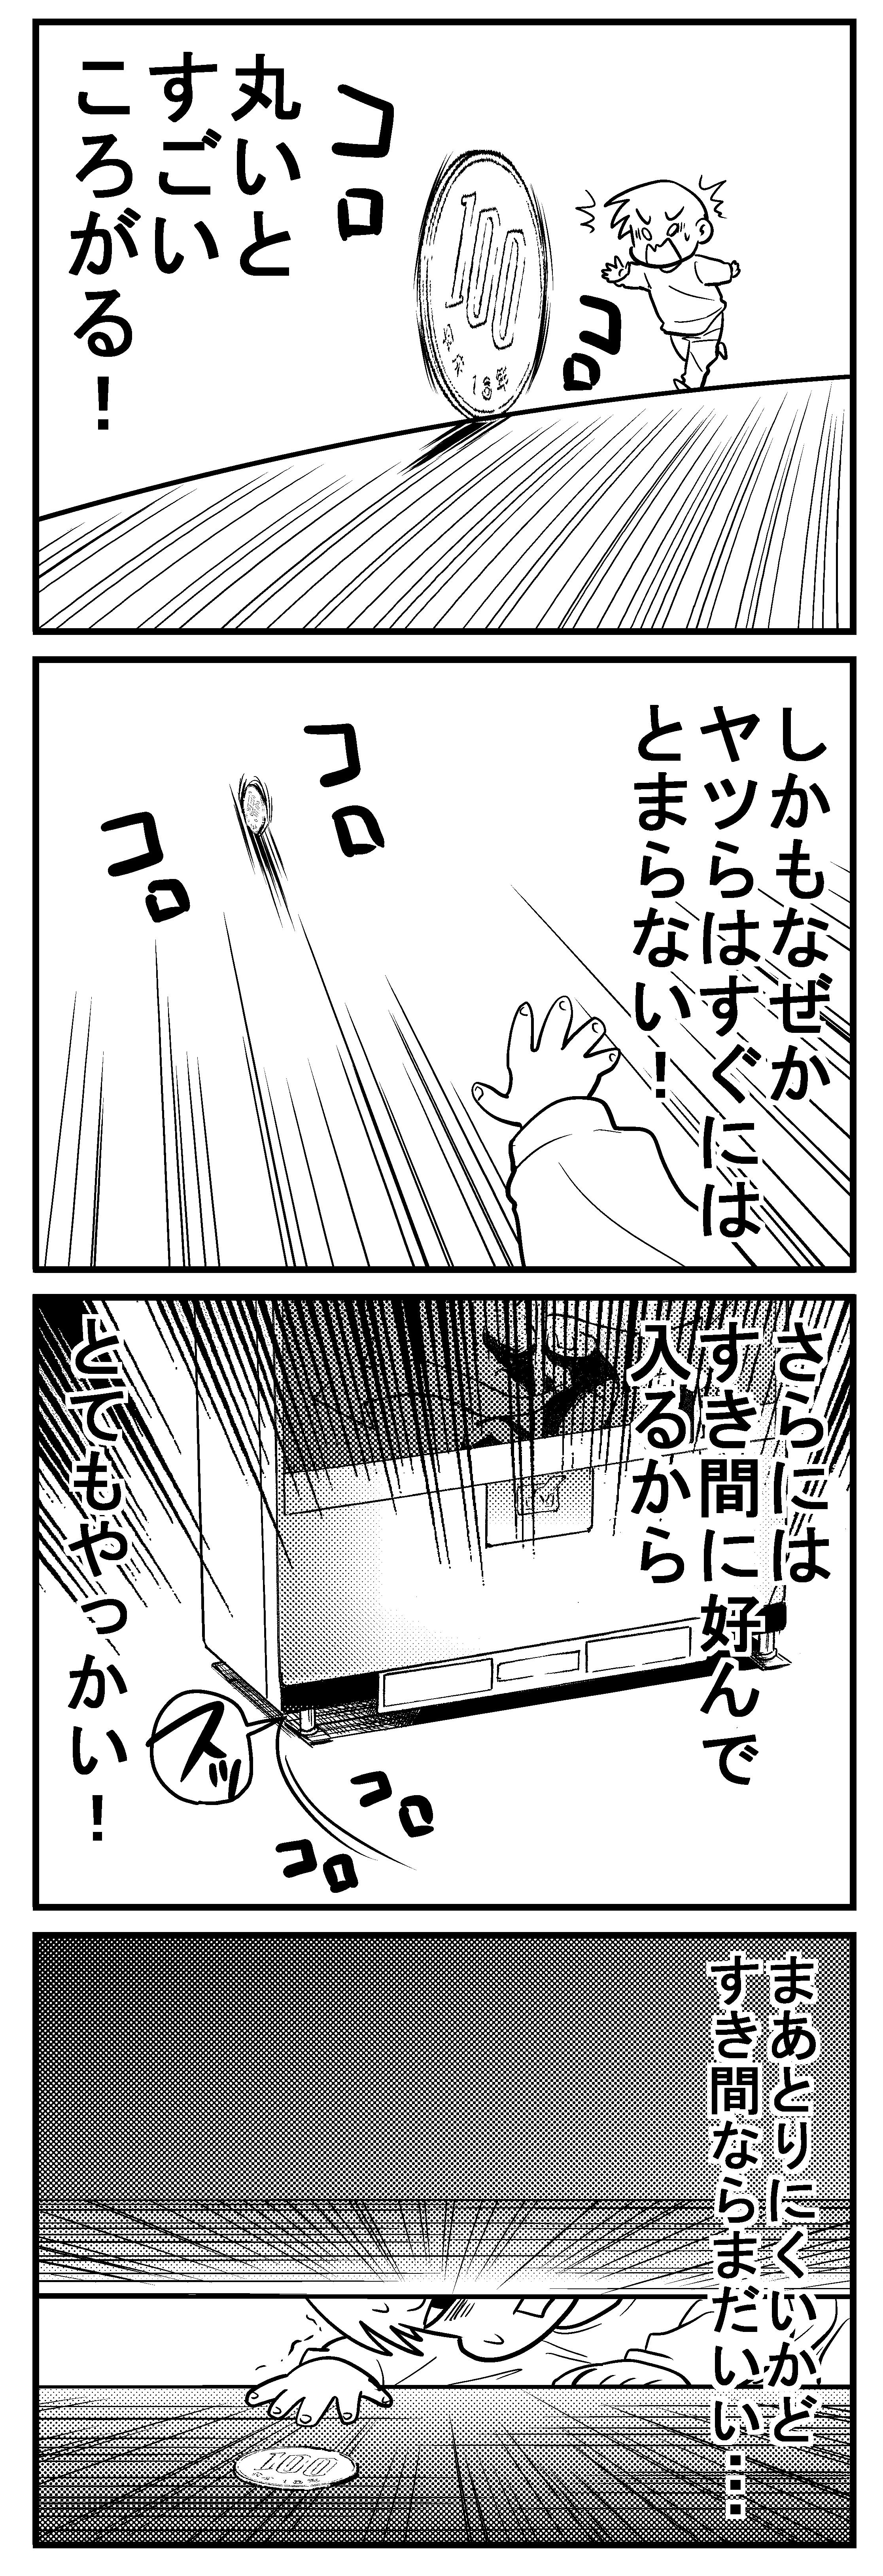 深読みくん36 2